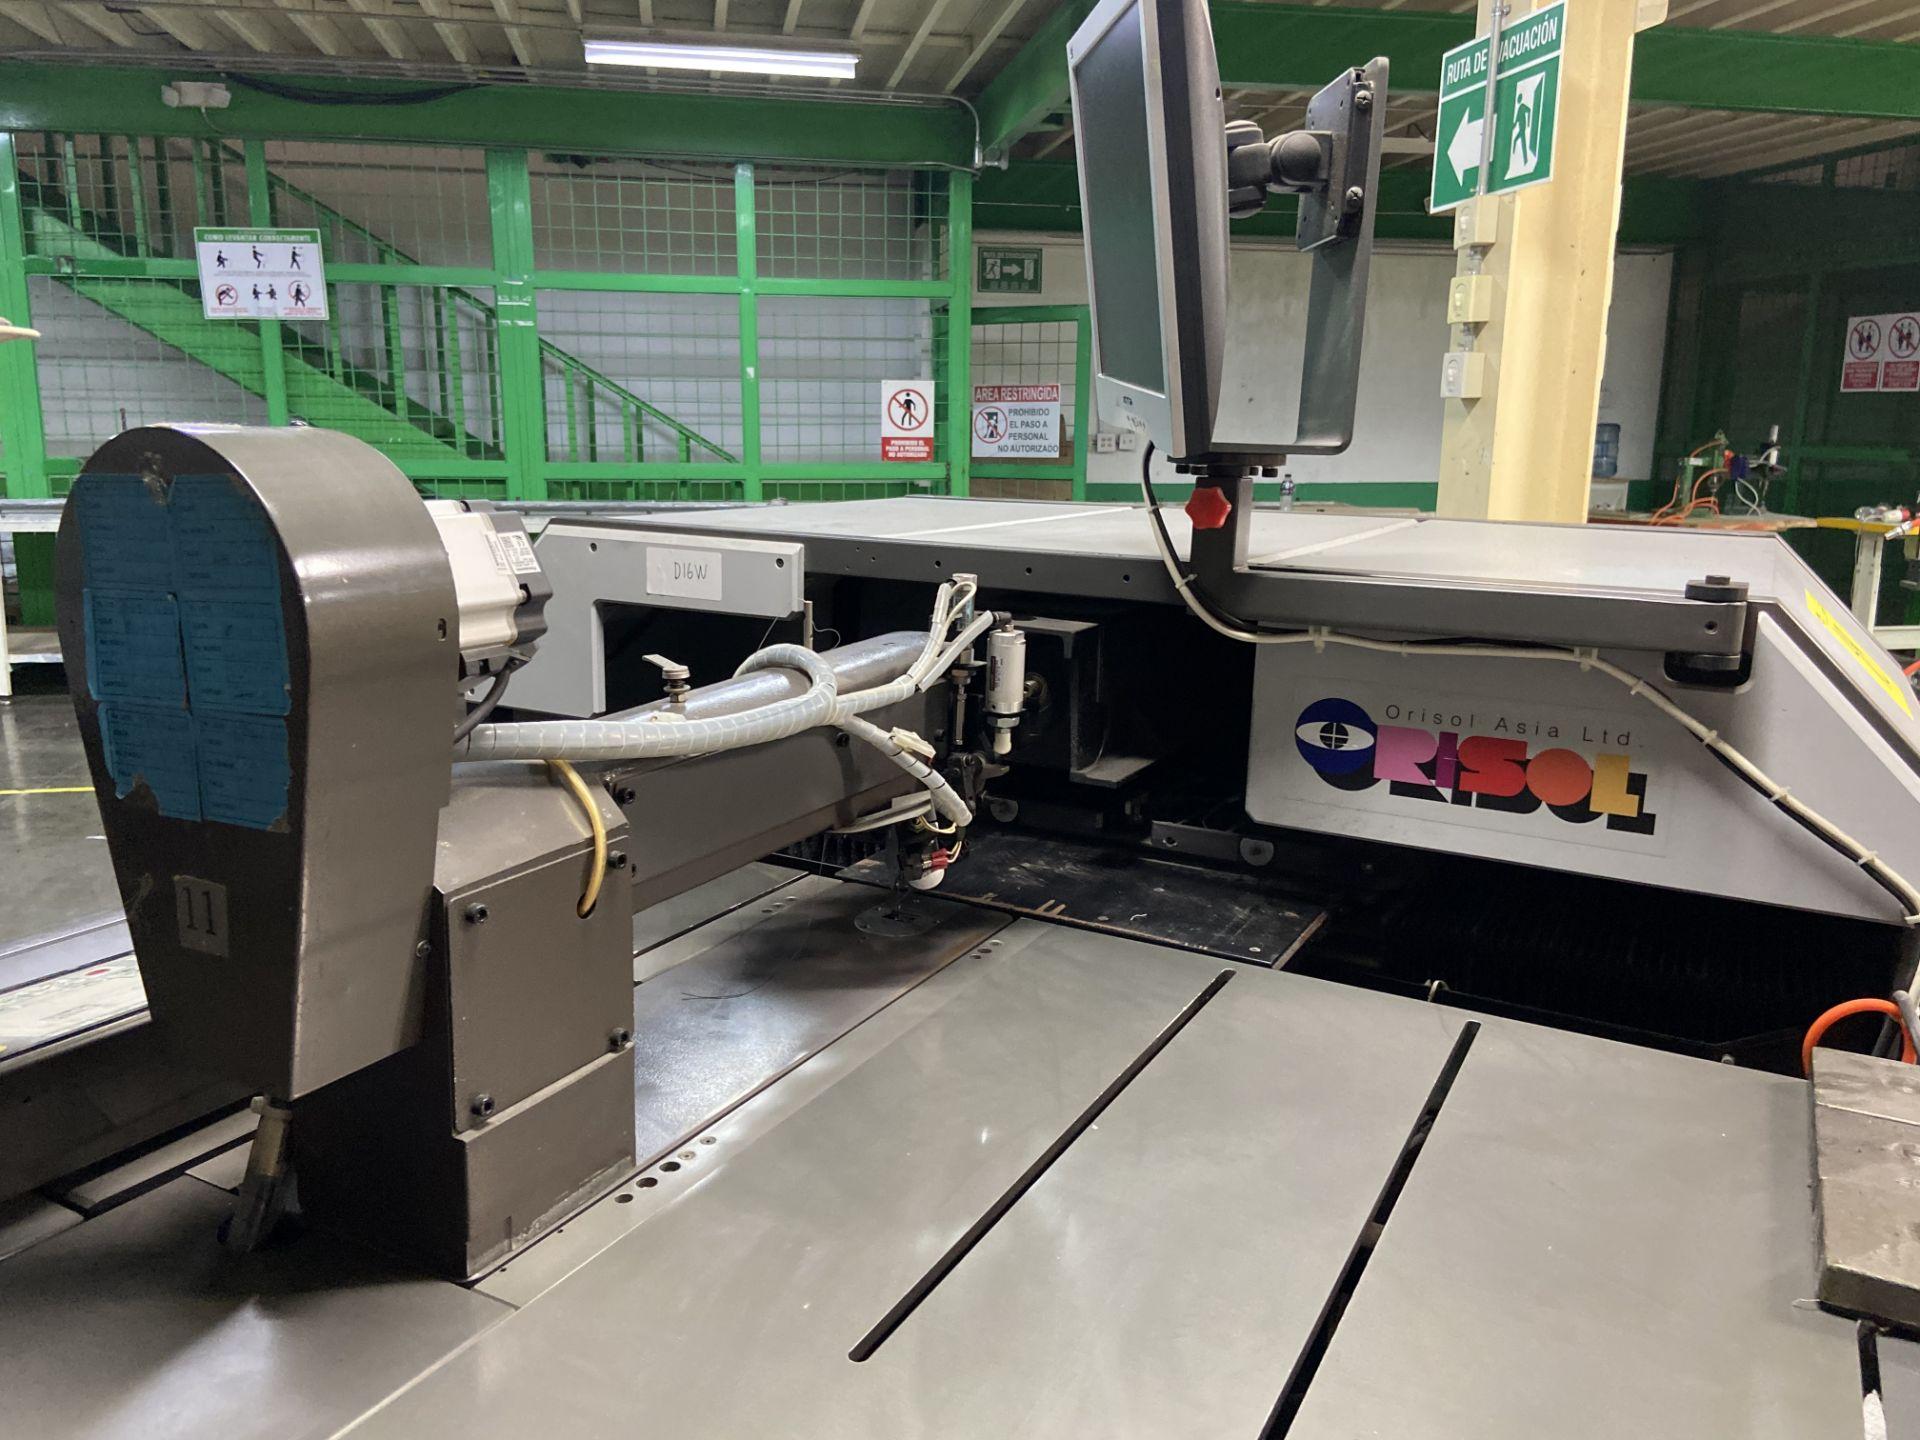 Lot 48 - Máquina de coser industrial computarizada de alto rendimiento marca Orisol, Modelo: OS-305